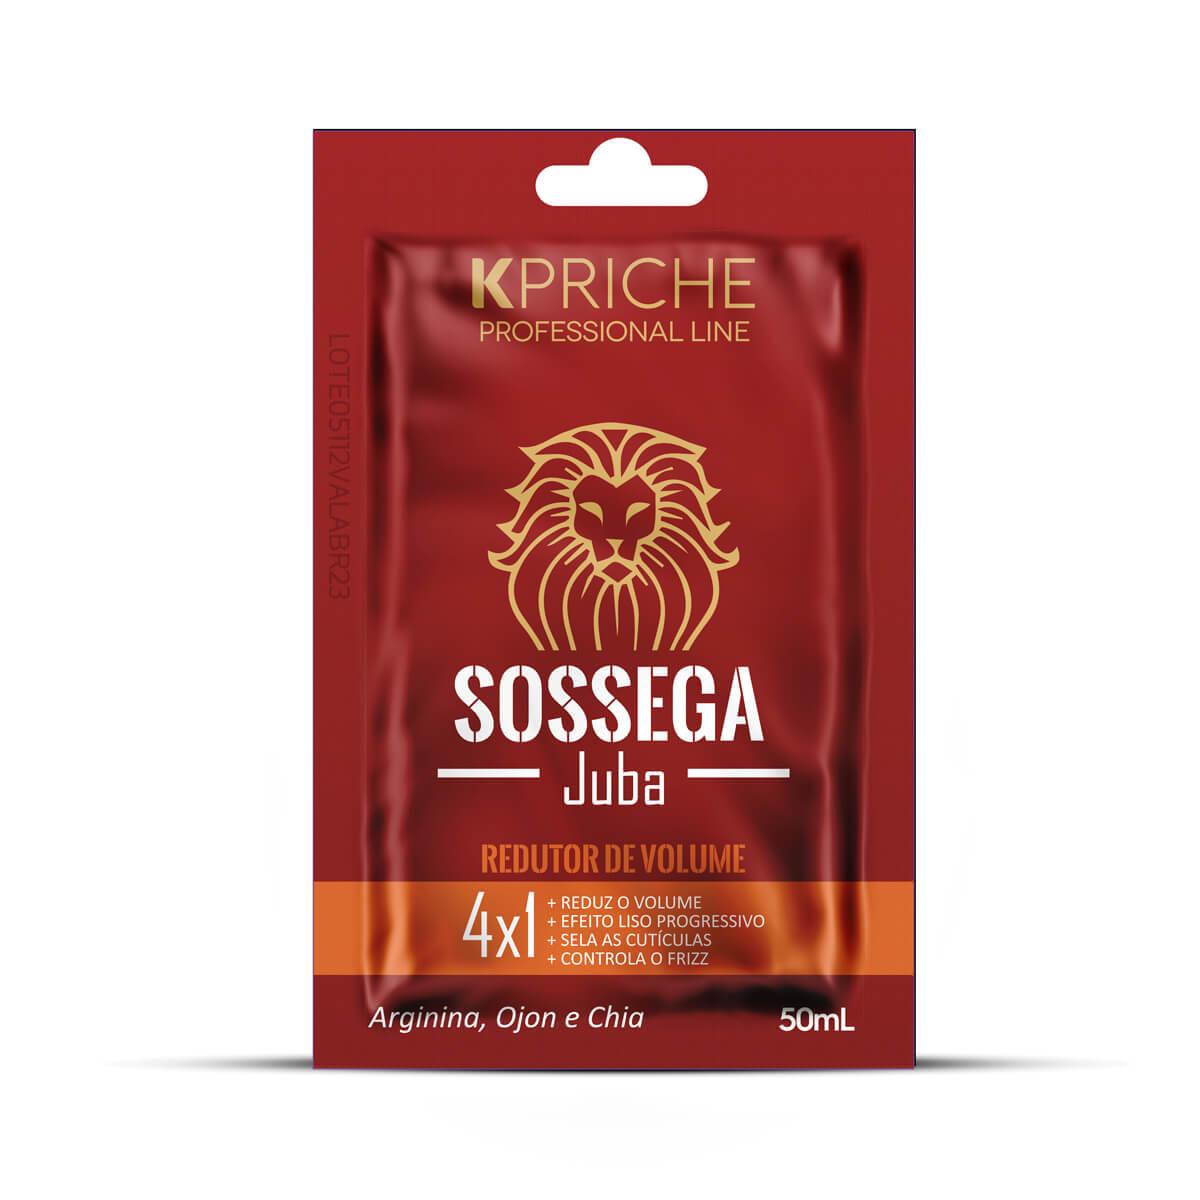 Sachê Sossega Juba 50mL